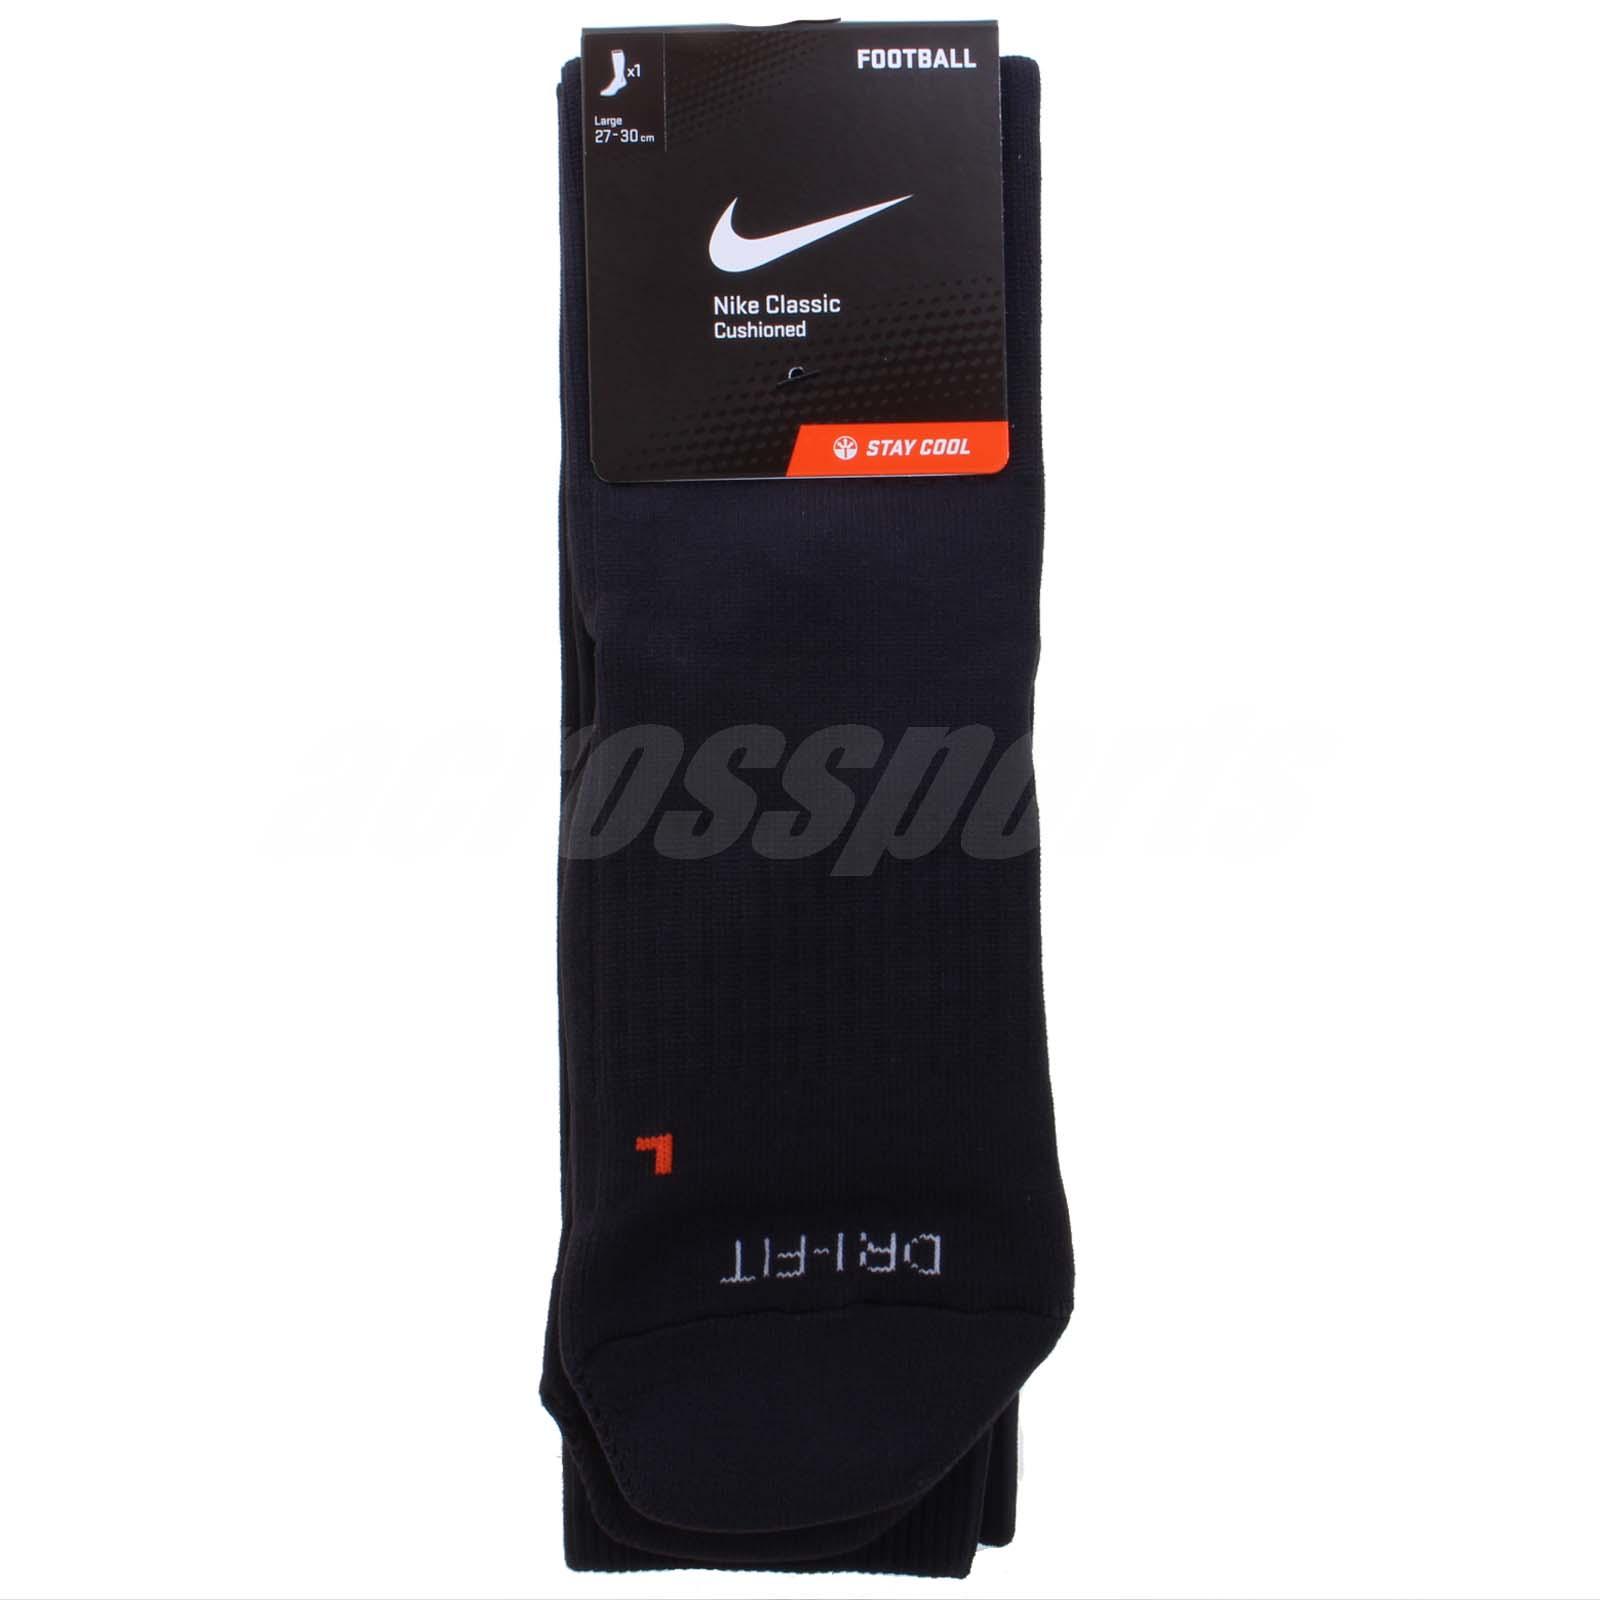 8fb842cdcd54bb Nike Classic Football Dri-Fit Black Mens Socks Soccer Knee Socks SX4120-001